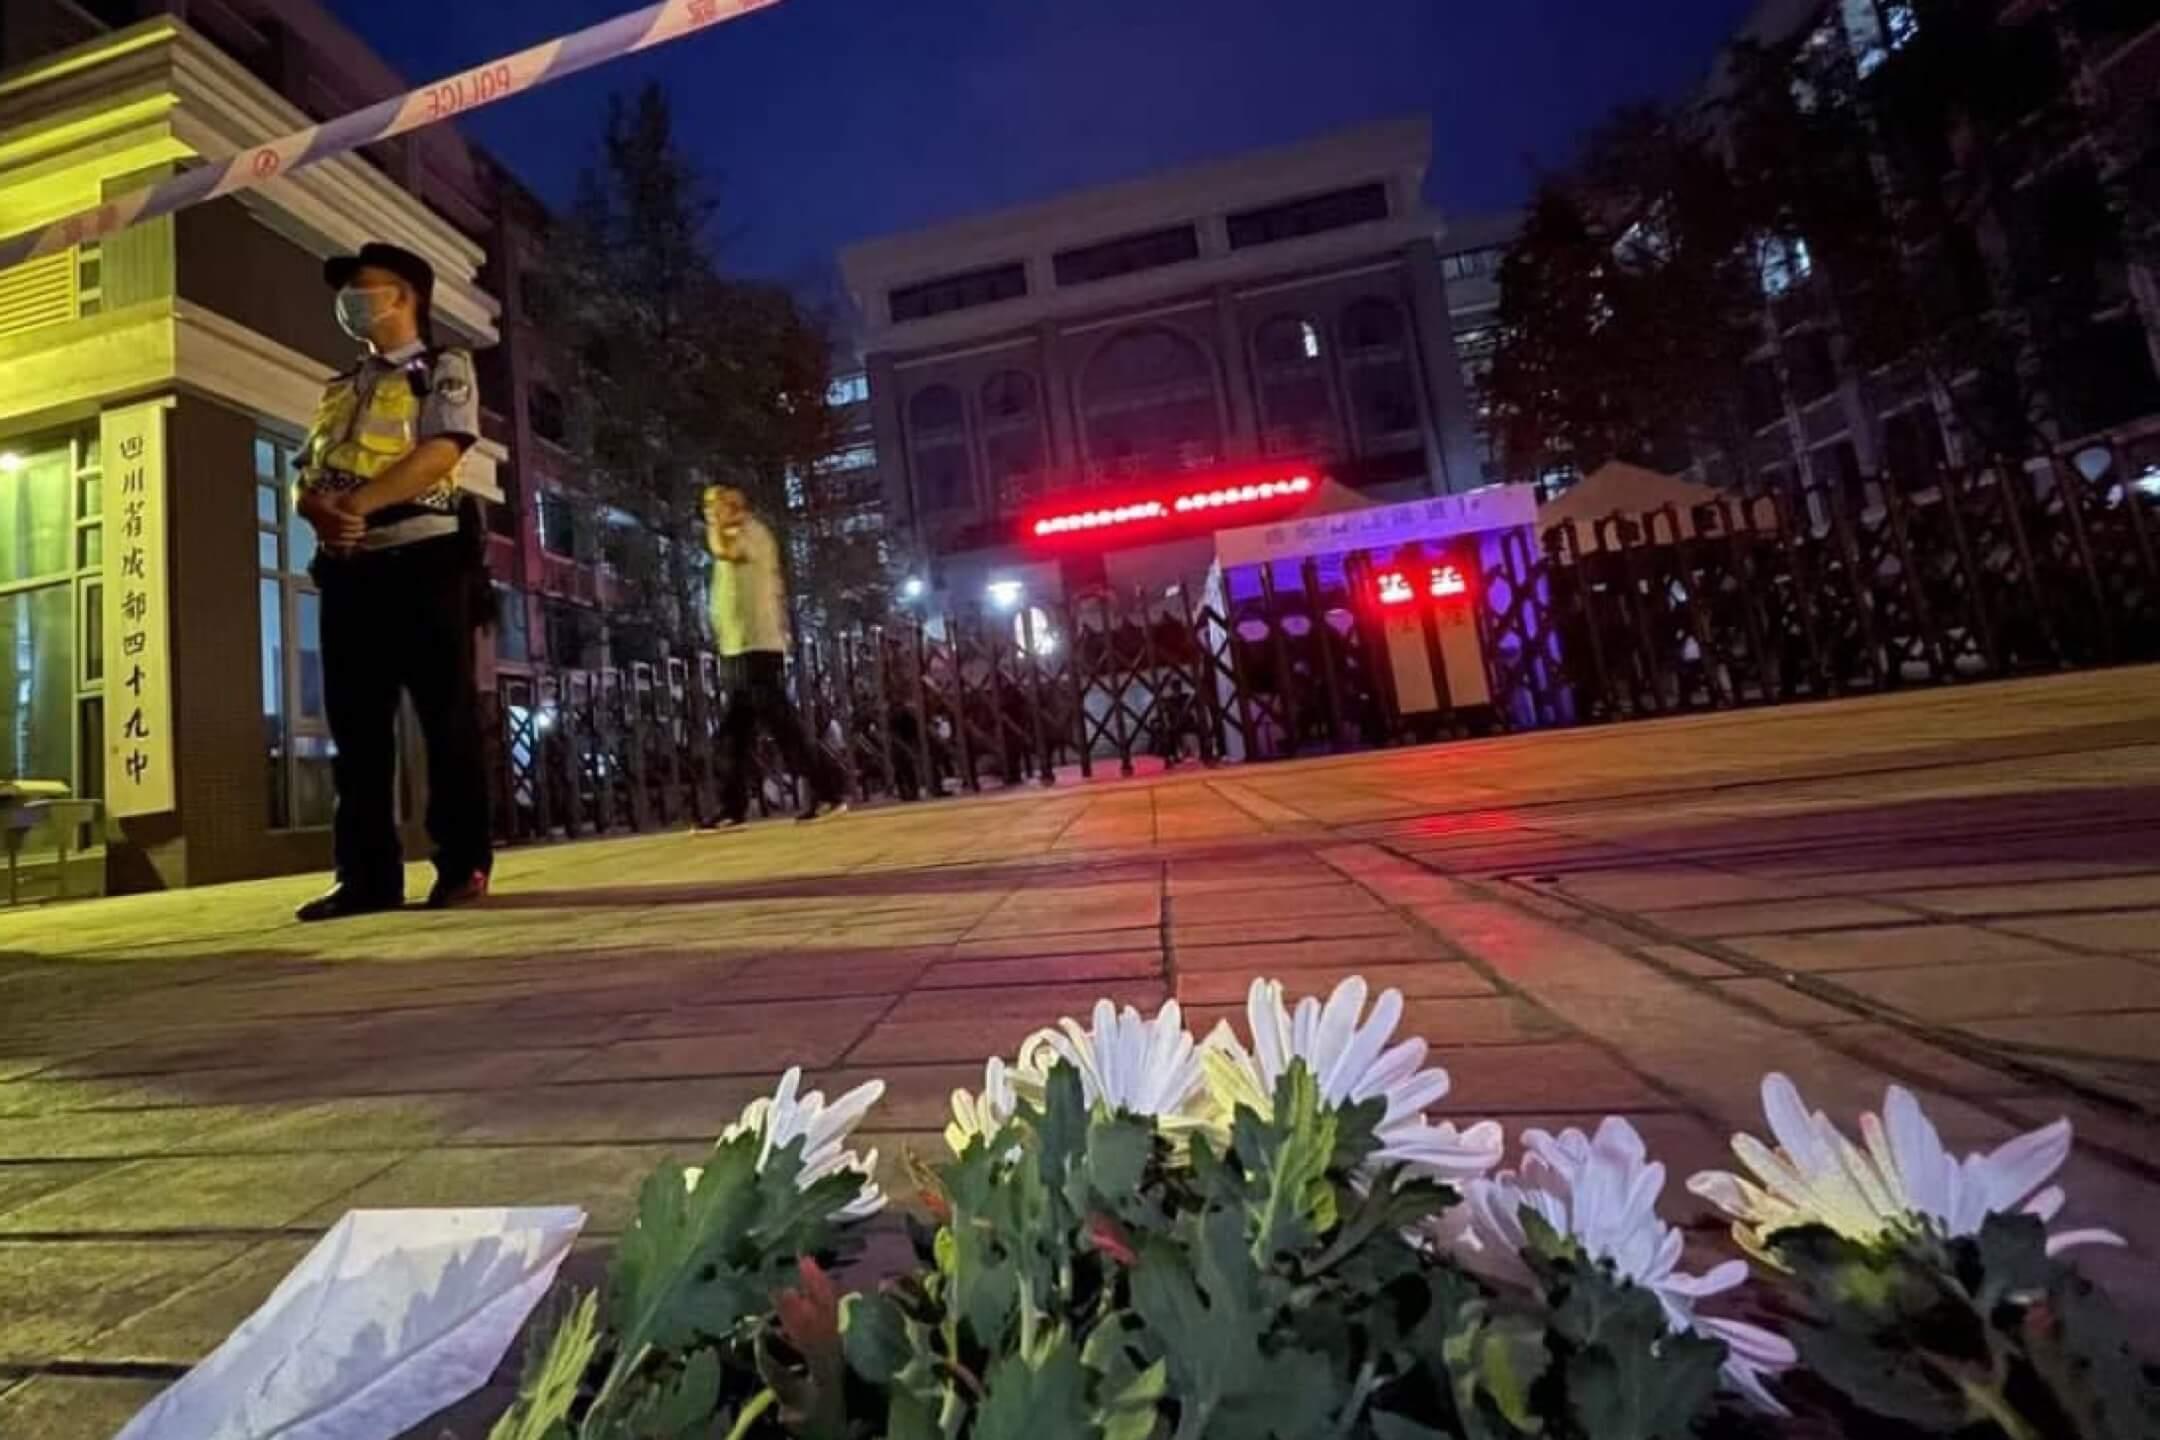 2021年5月11日,成都49中門外,前來悼念墮樓身亡學生林唯麒的民眾把鮮花擺放在學校門前。 圖:網上圖片